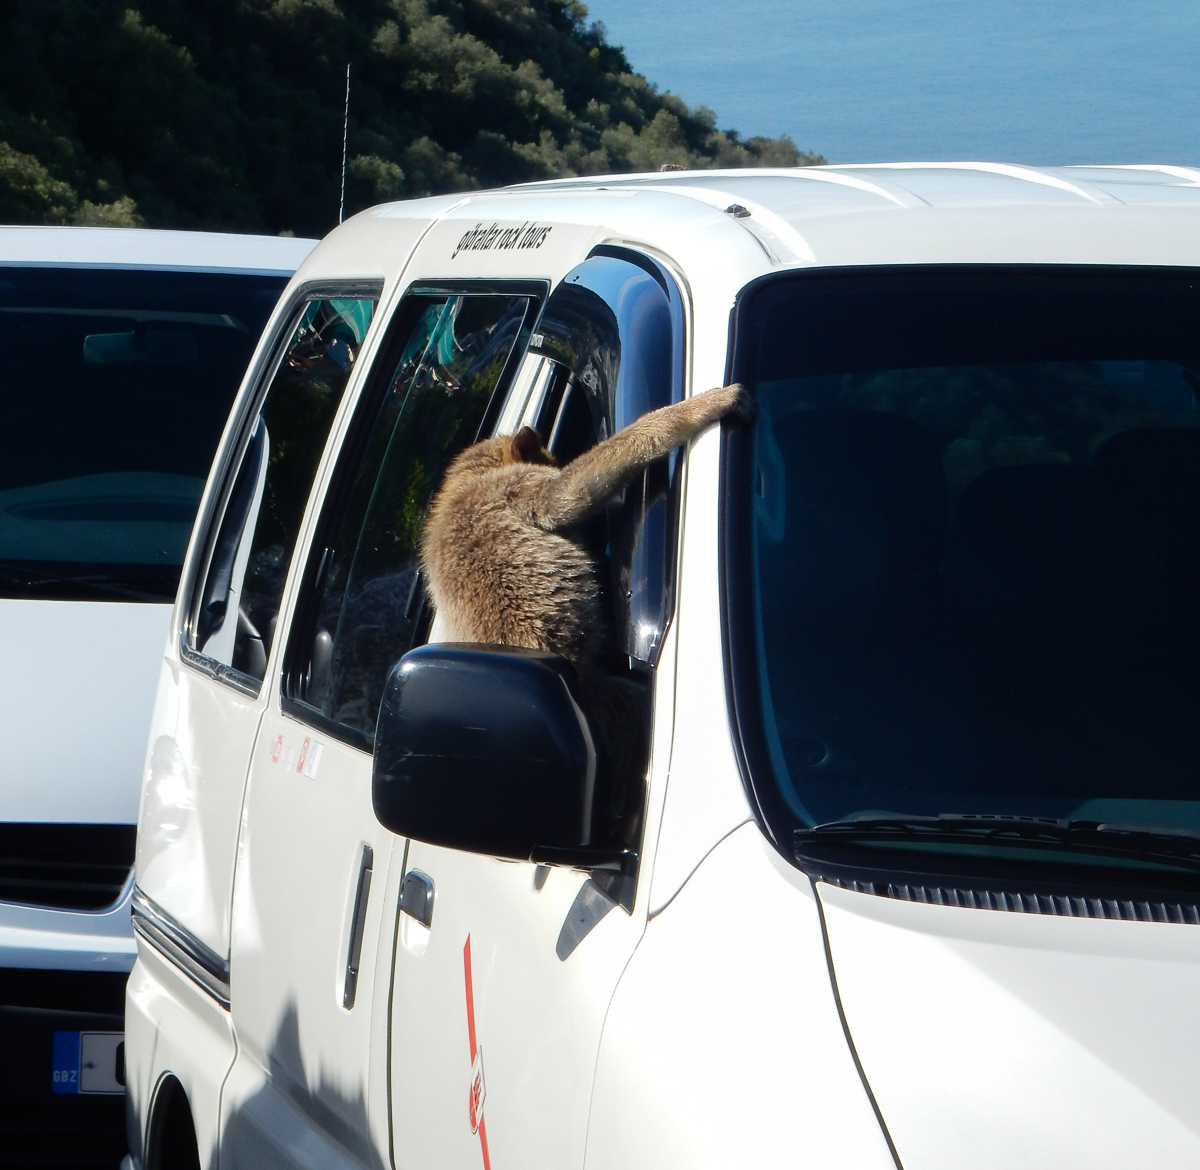 Wild monkeys climbing in the minibus in Gibraltar